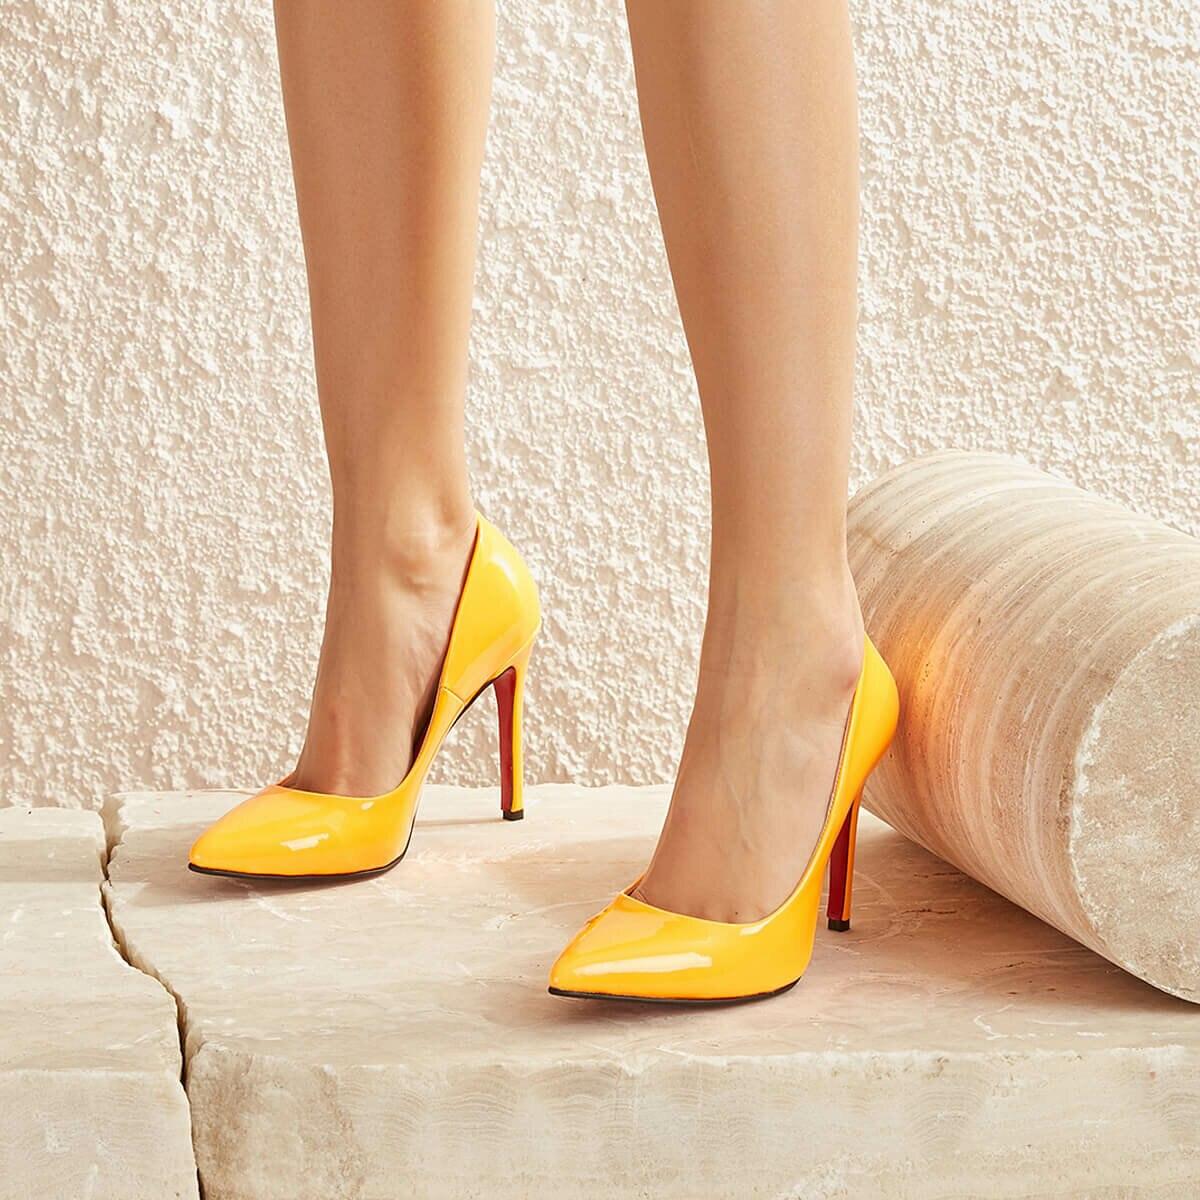 FLO LELA01Y SKIN Orange Women 'S Stiletto BUTIGO